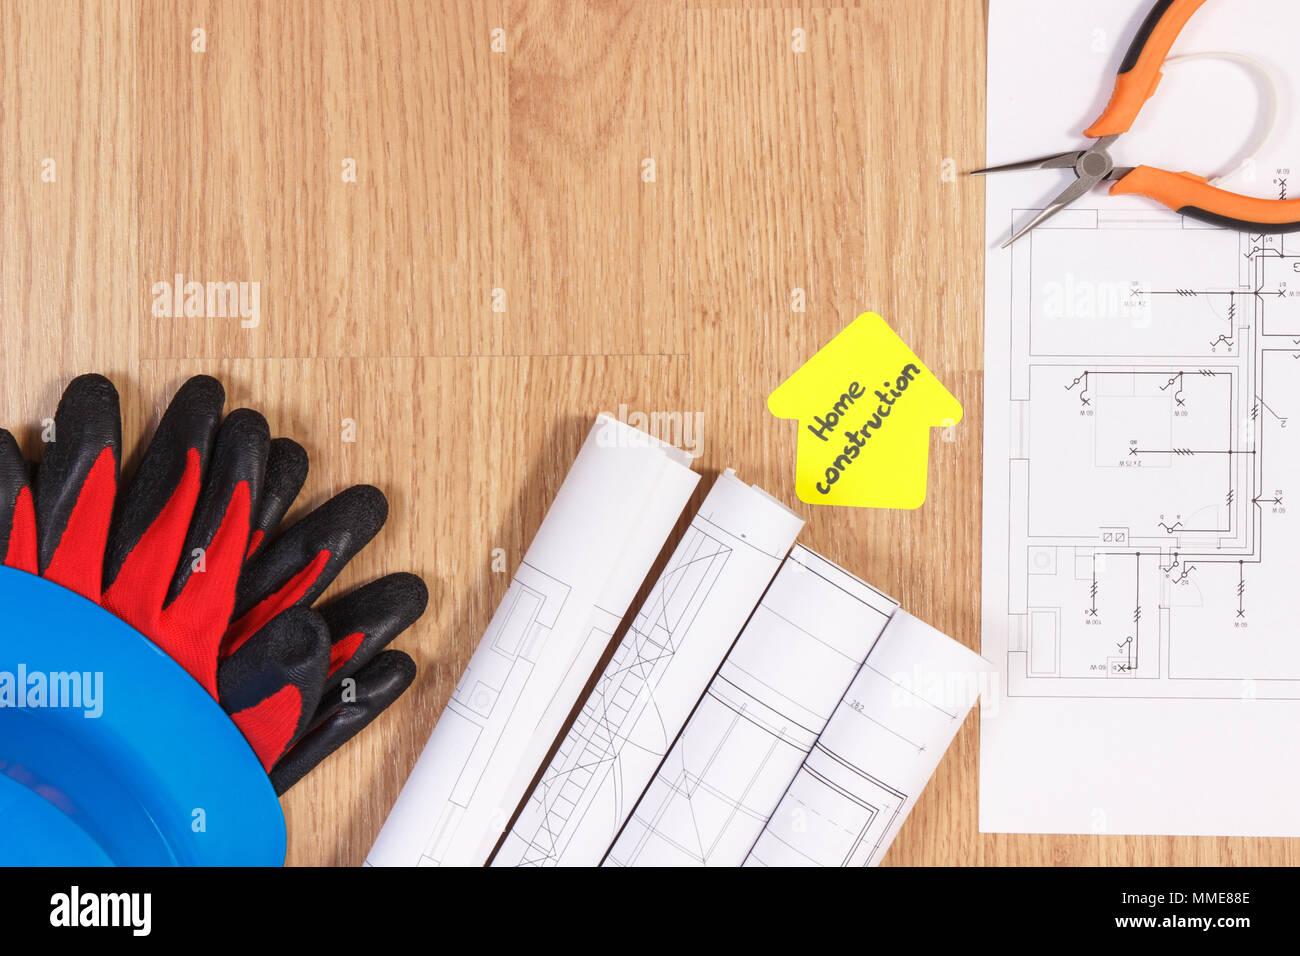 Schützende Blaue Helm Mit Handschuhen, Zangen, Diagramme Oder Elektrische  Konstruktion Zeichnungen Und Gelbes Papier